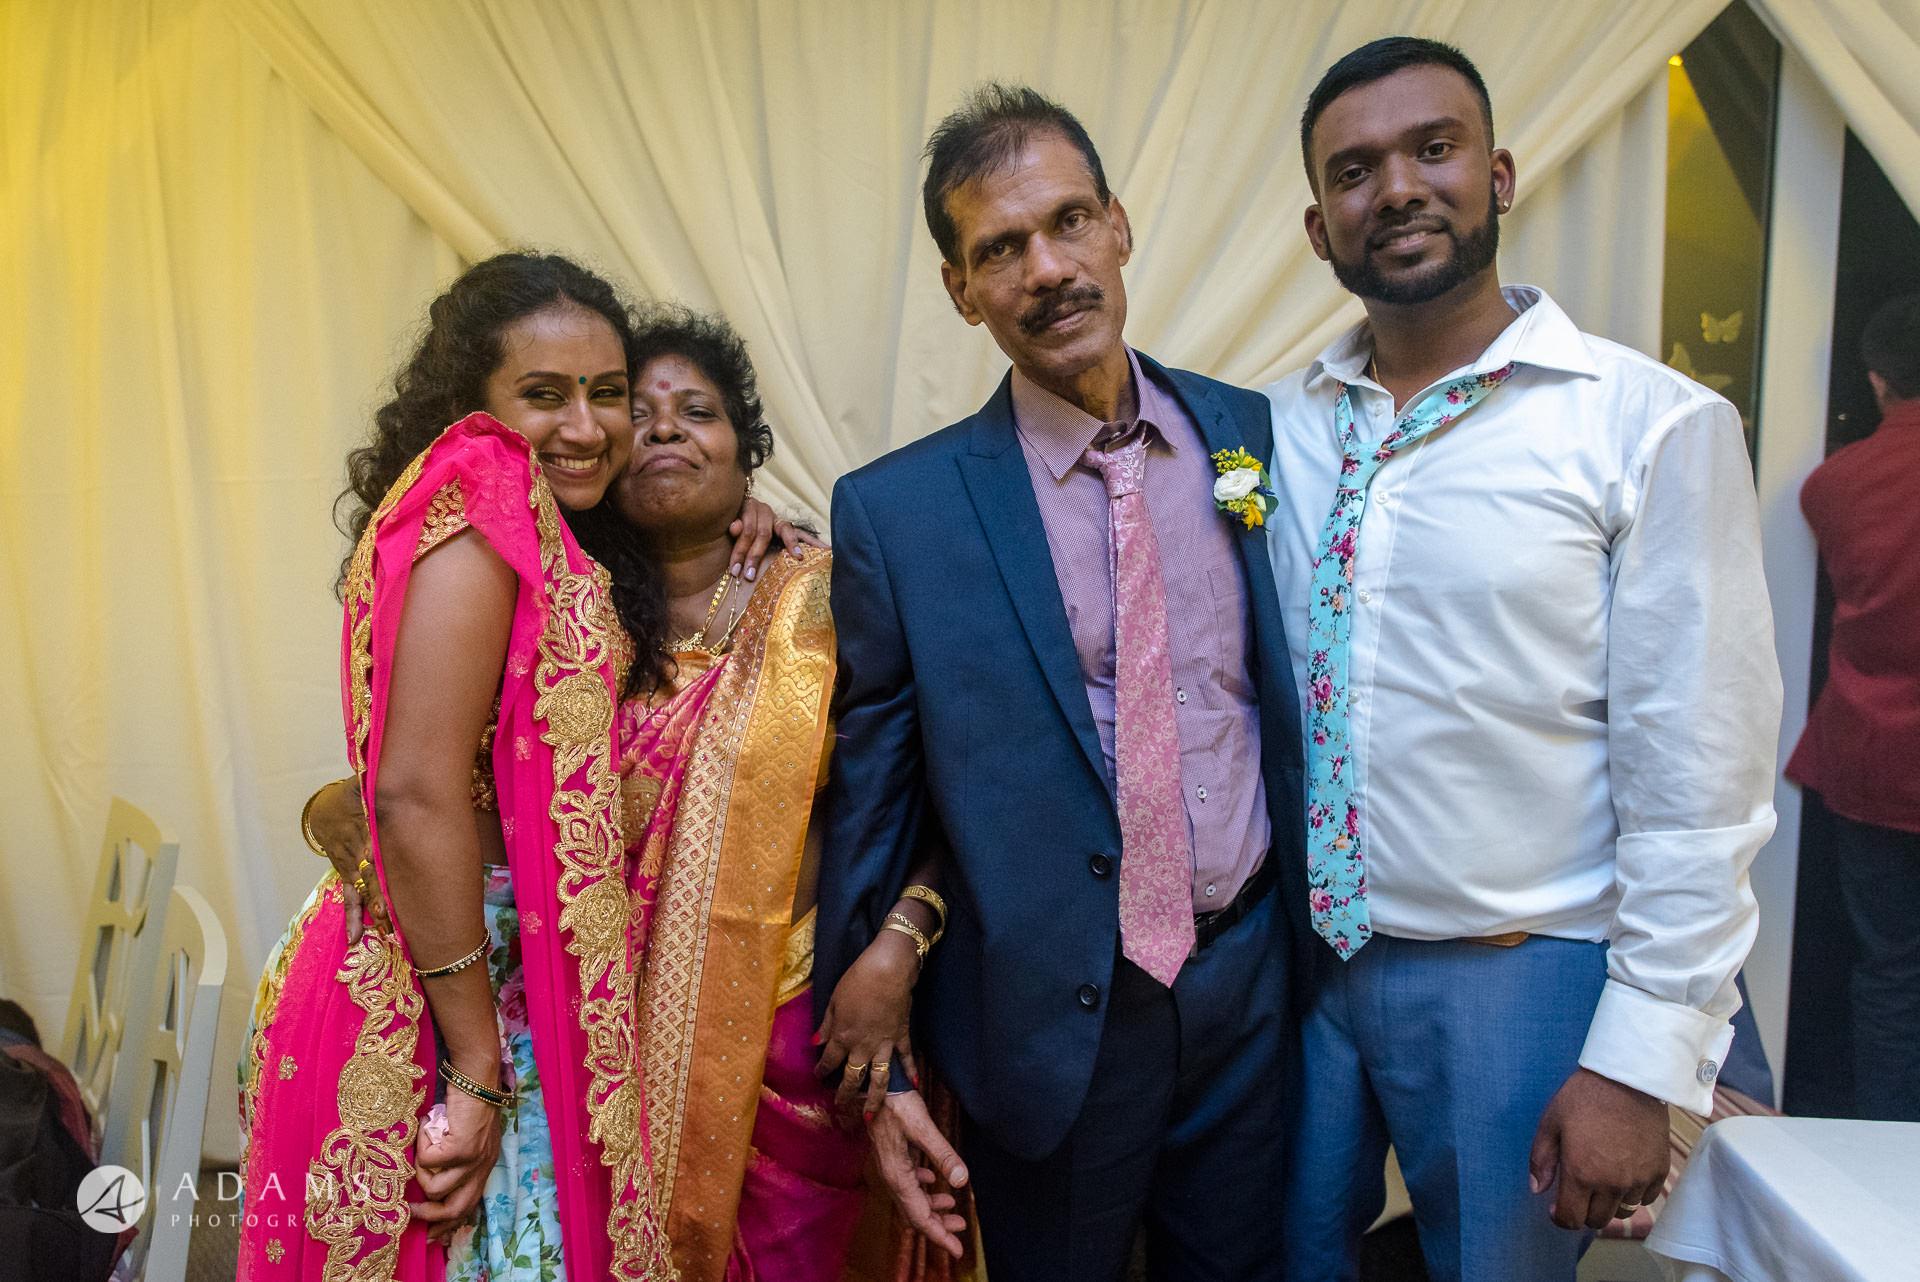 Windsor Racecourse Wedding Photographer | Saranya + Gobi 4